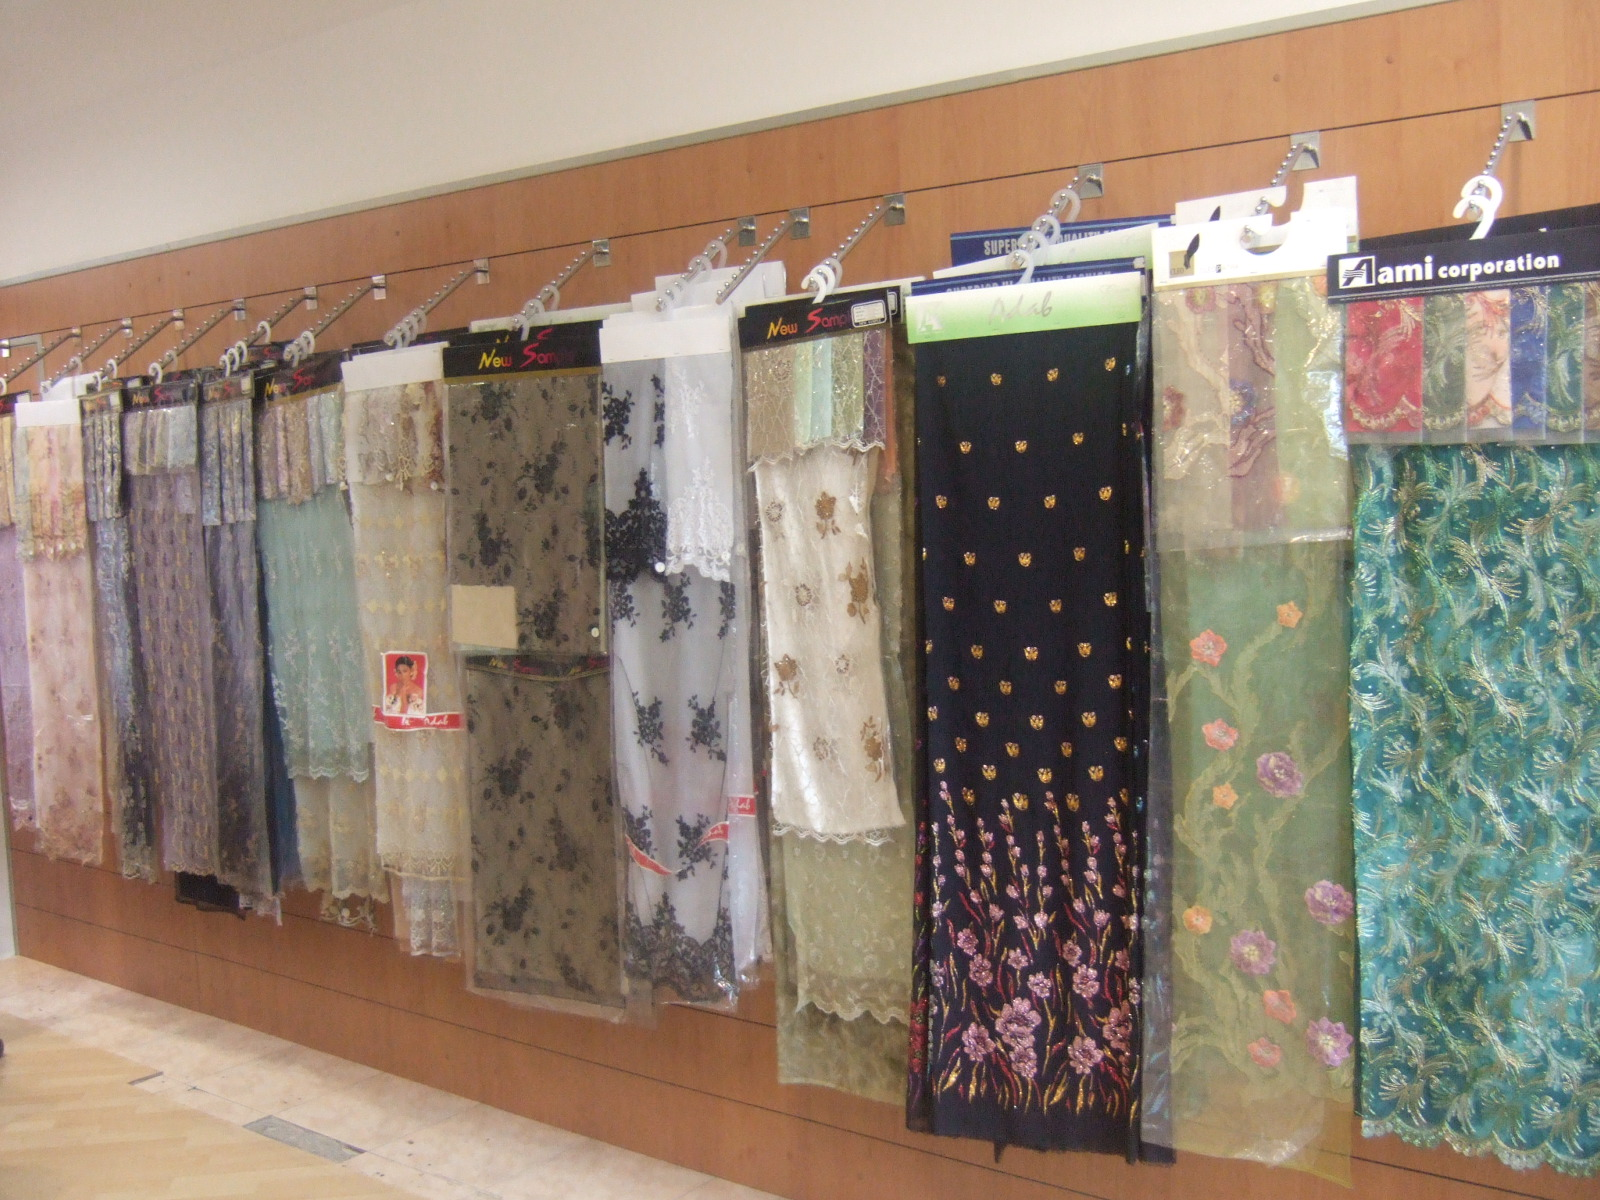 Adab Textiles L.L.C. - DSCF0042.JPG